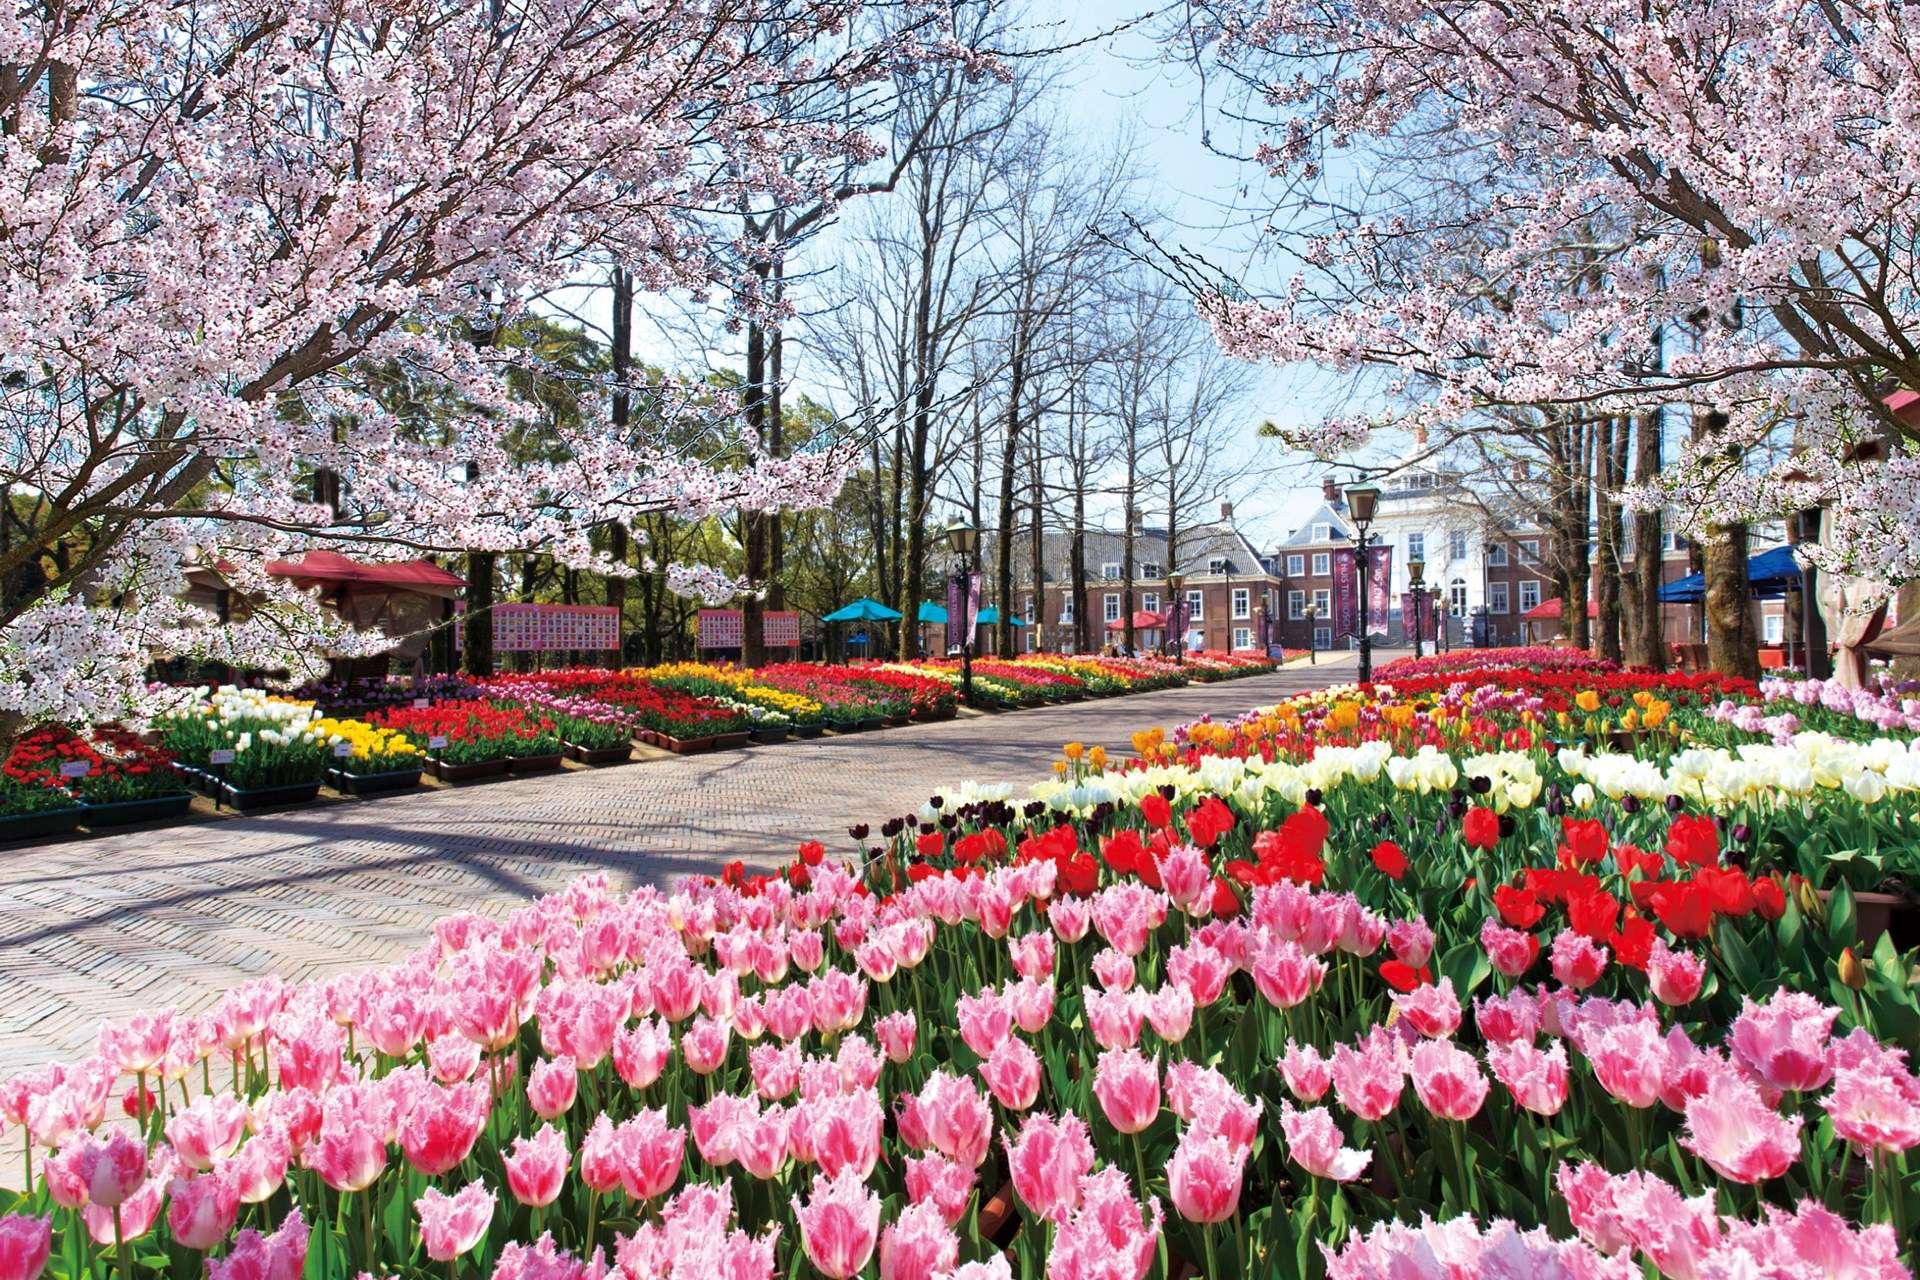 鬱金香與櫻花共演的美麗景色